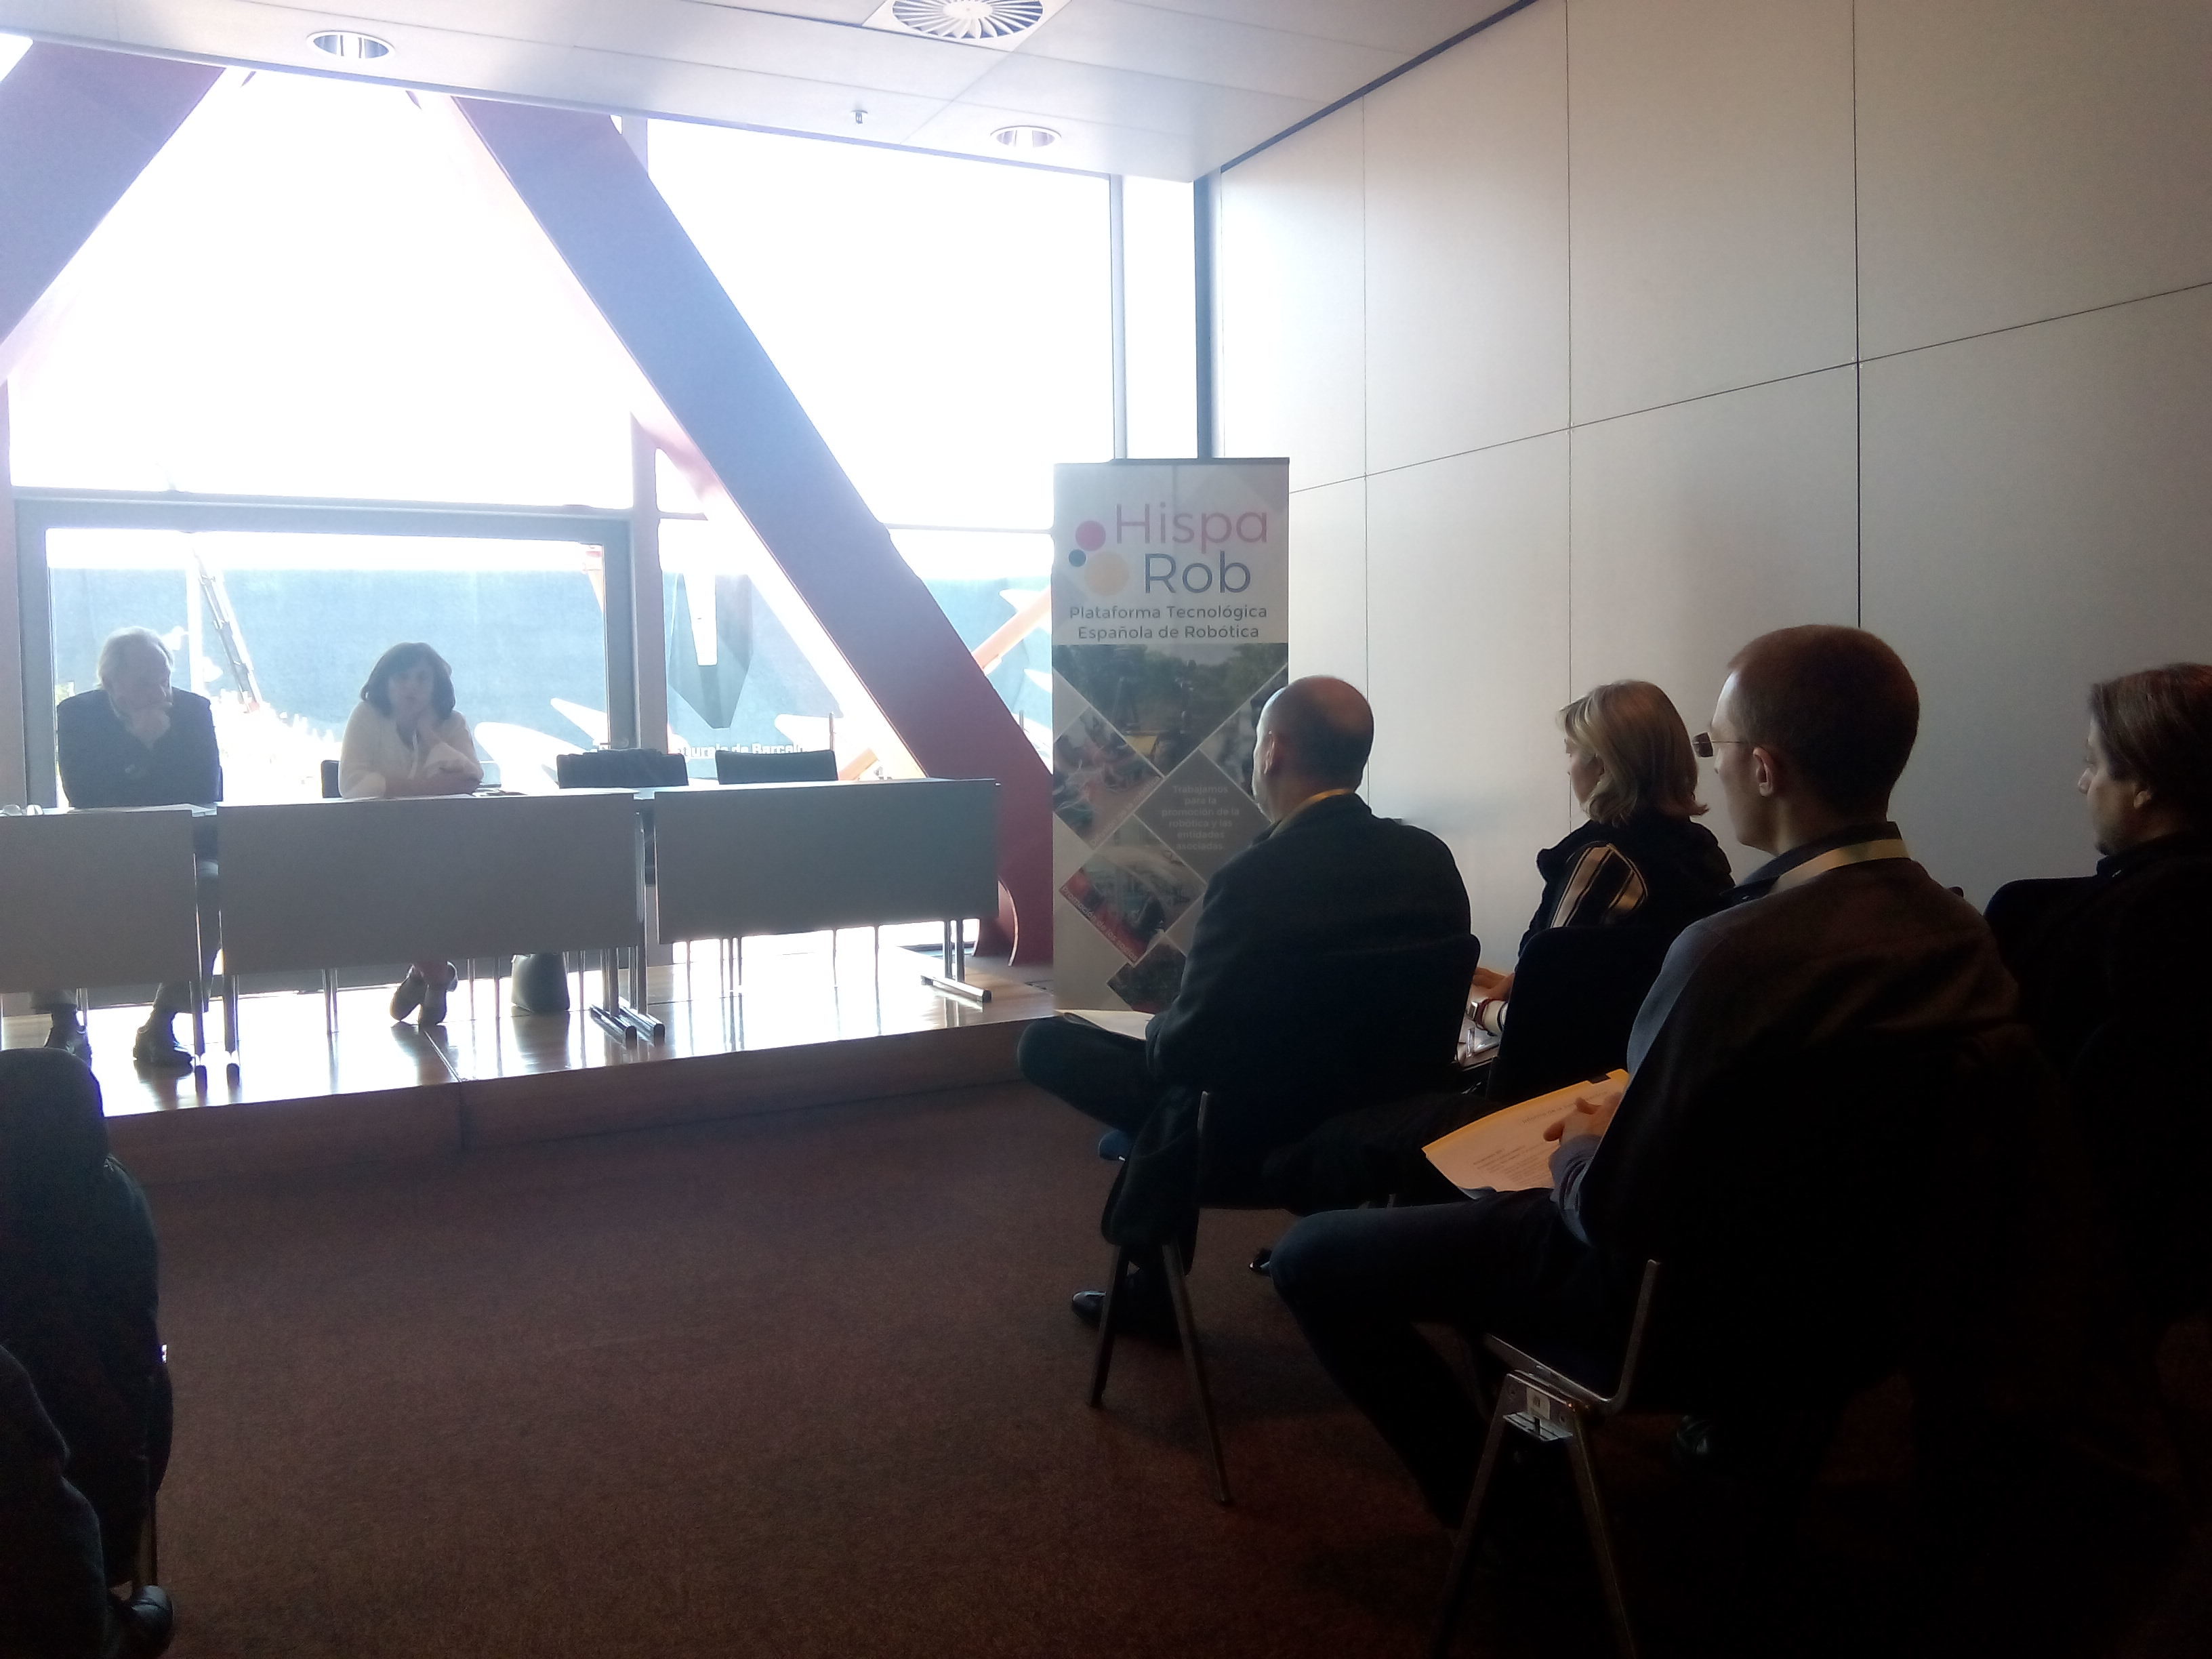 HispaRob celebró su Asamblea General en Advanced Factories